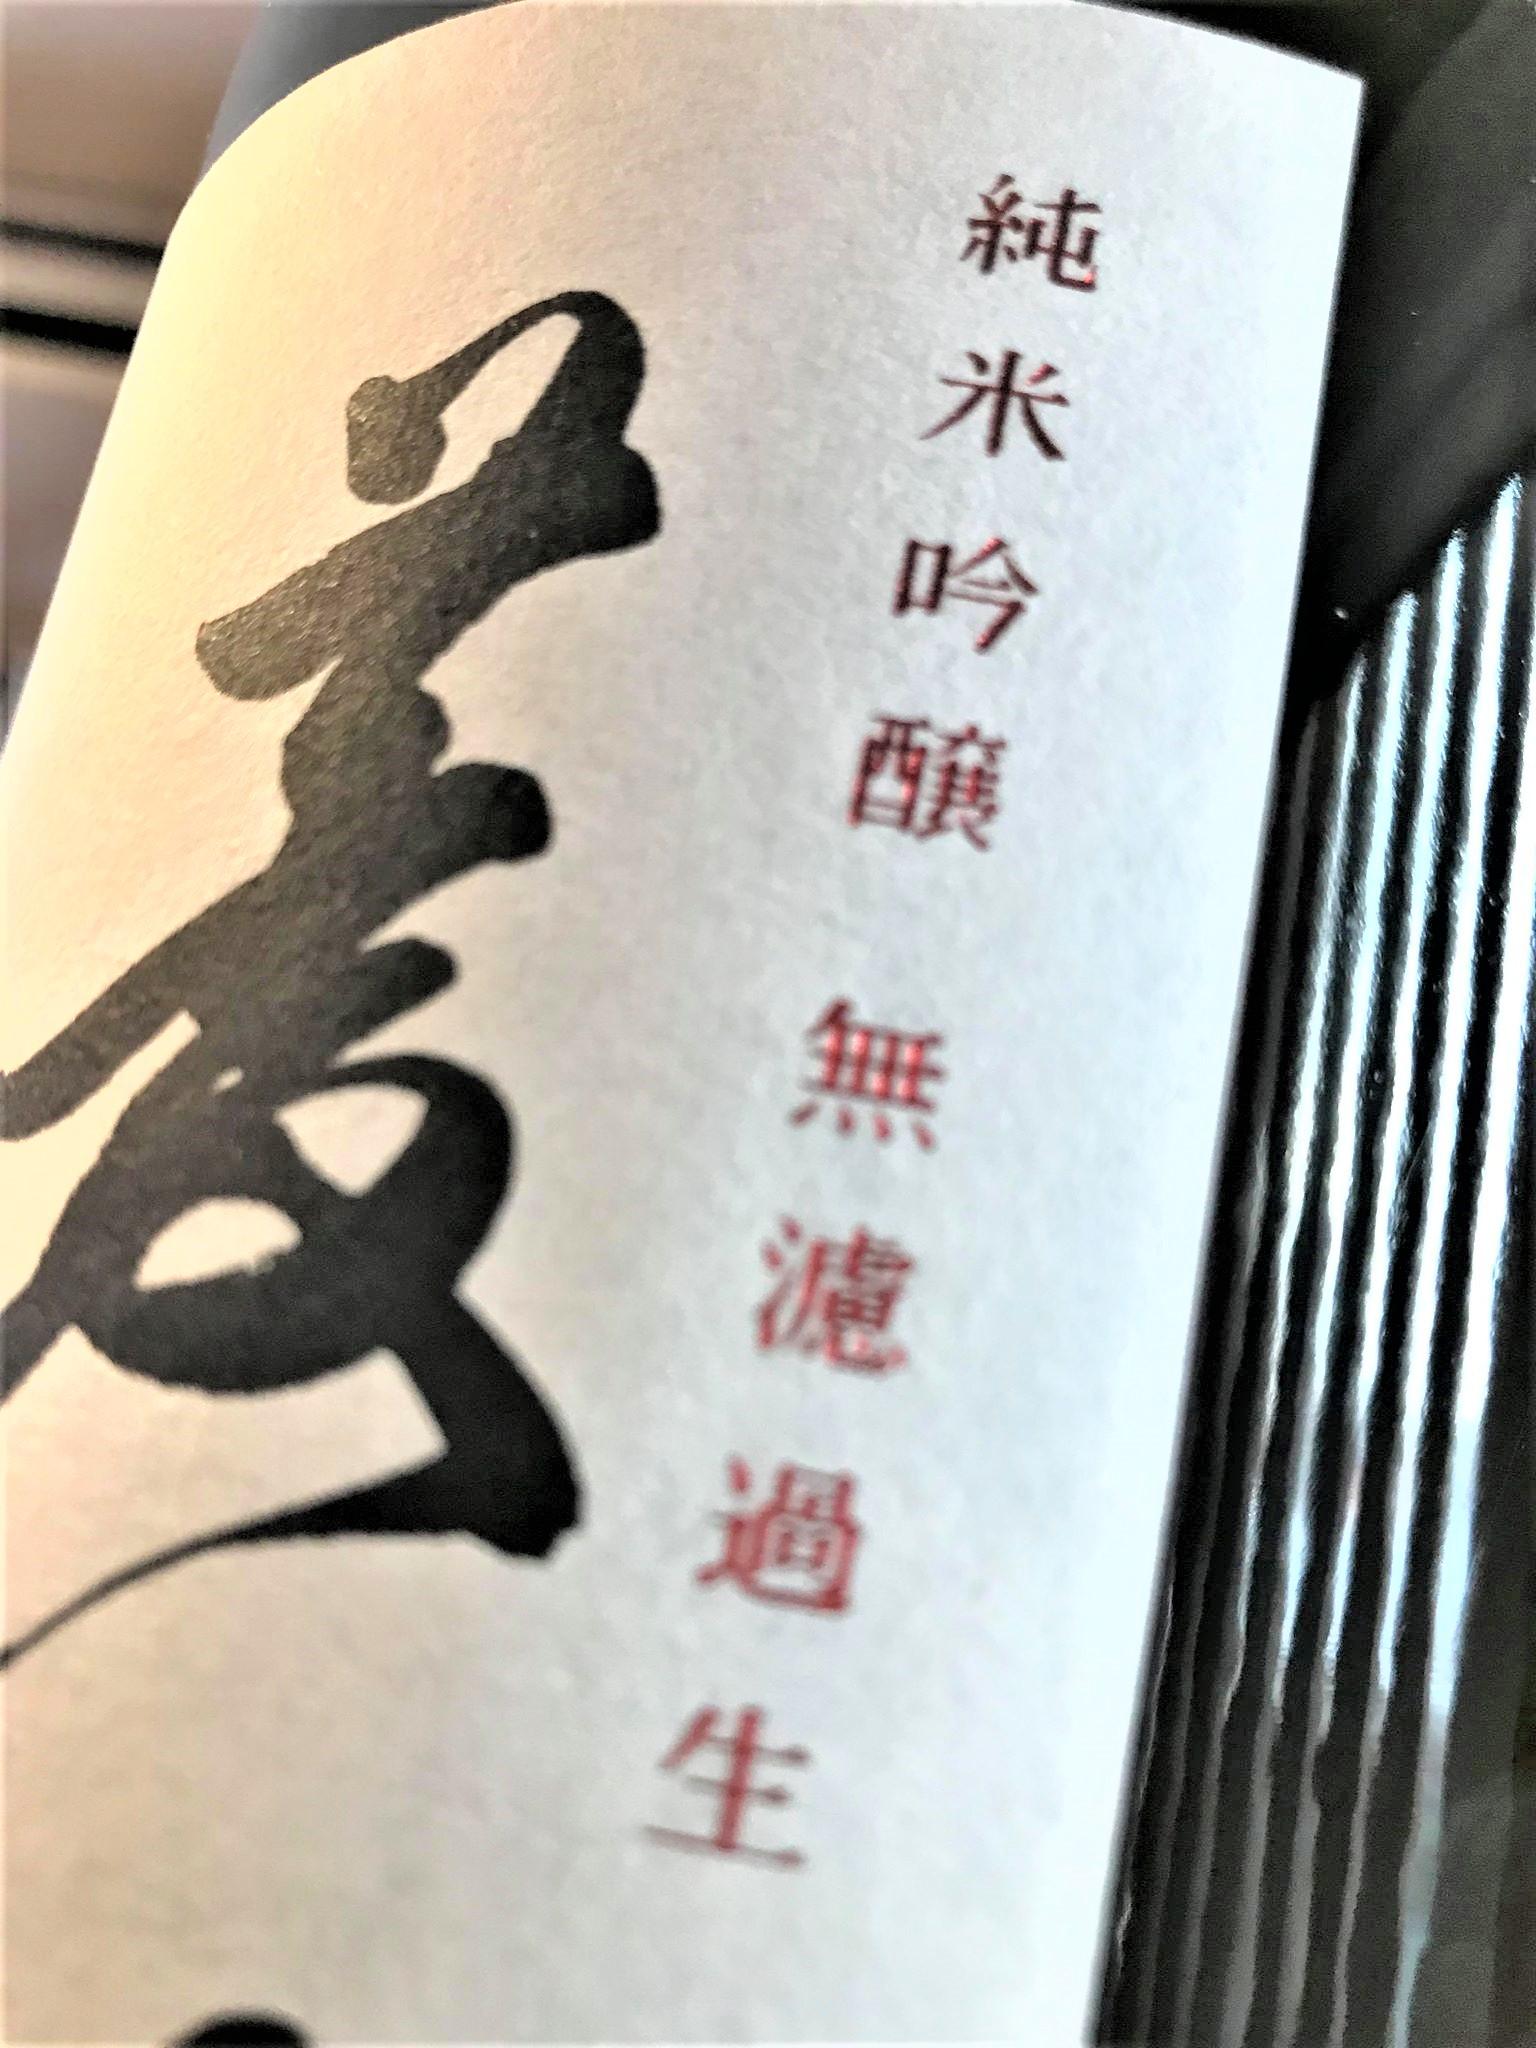 【日本酒】菱湖 RYOUKO 純米吟醸 無濾過生原酒 出羽燦々仕込み 限定 新酒令和1BY🆕_e0173738_19283814.jpg